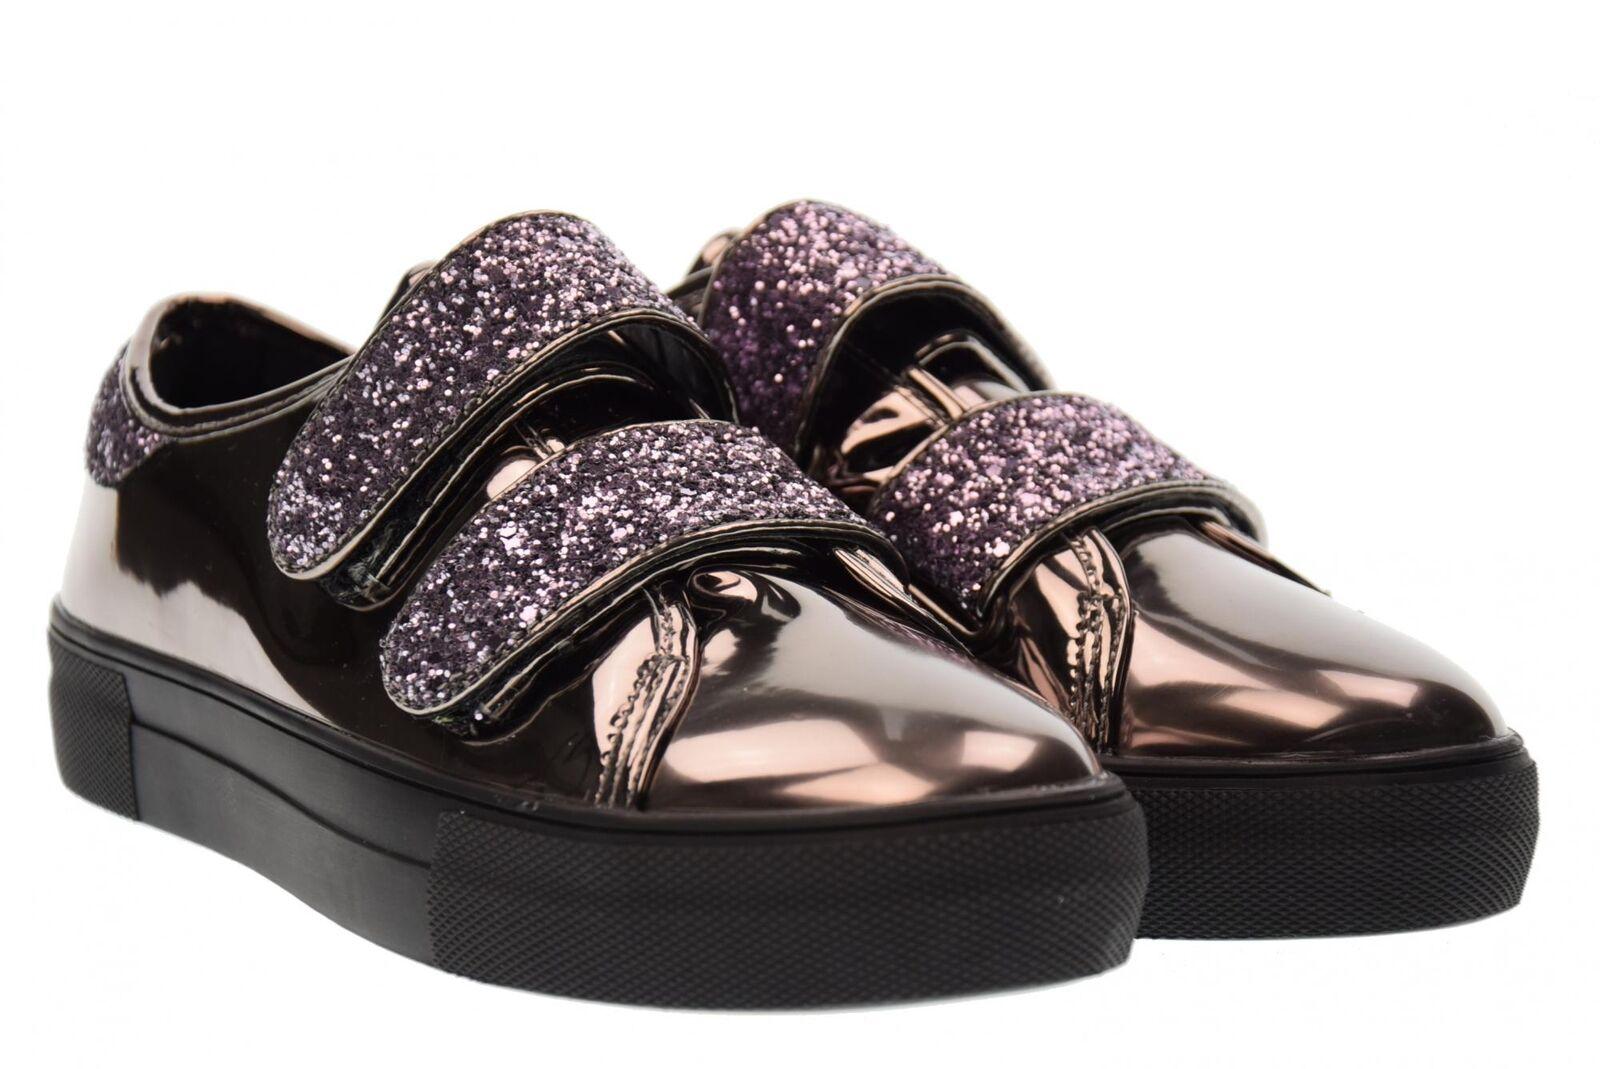 B3d shoes A17f 41386 shoes plate-forme plate-forme plate-forme espadrilles MIROIR LEAD 979c14